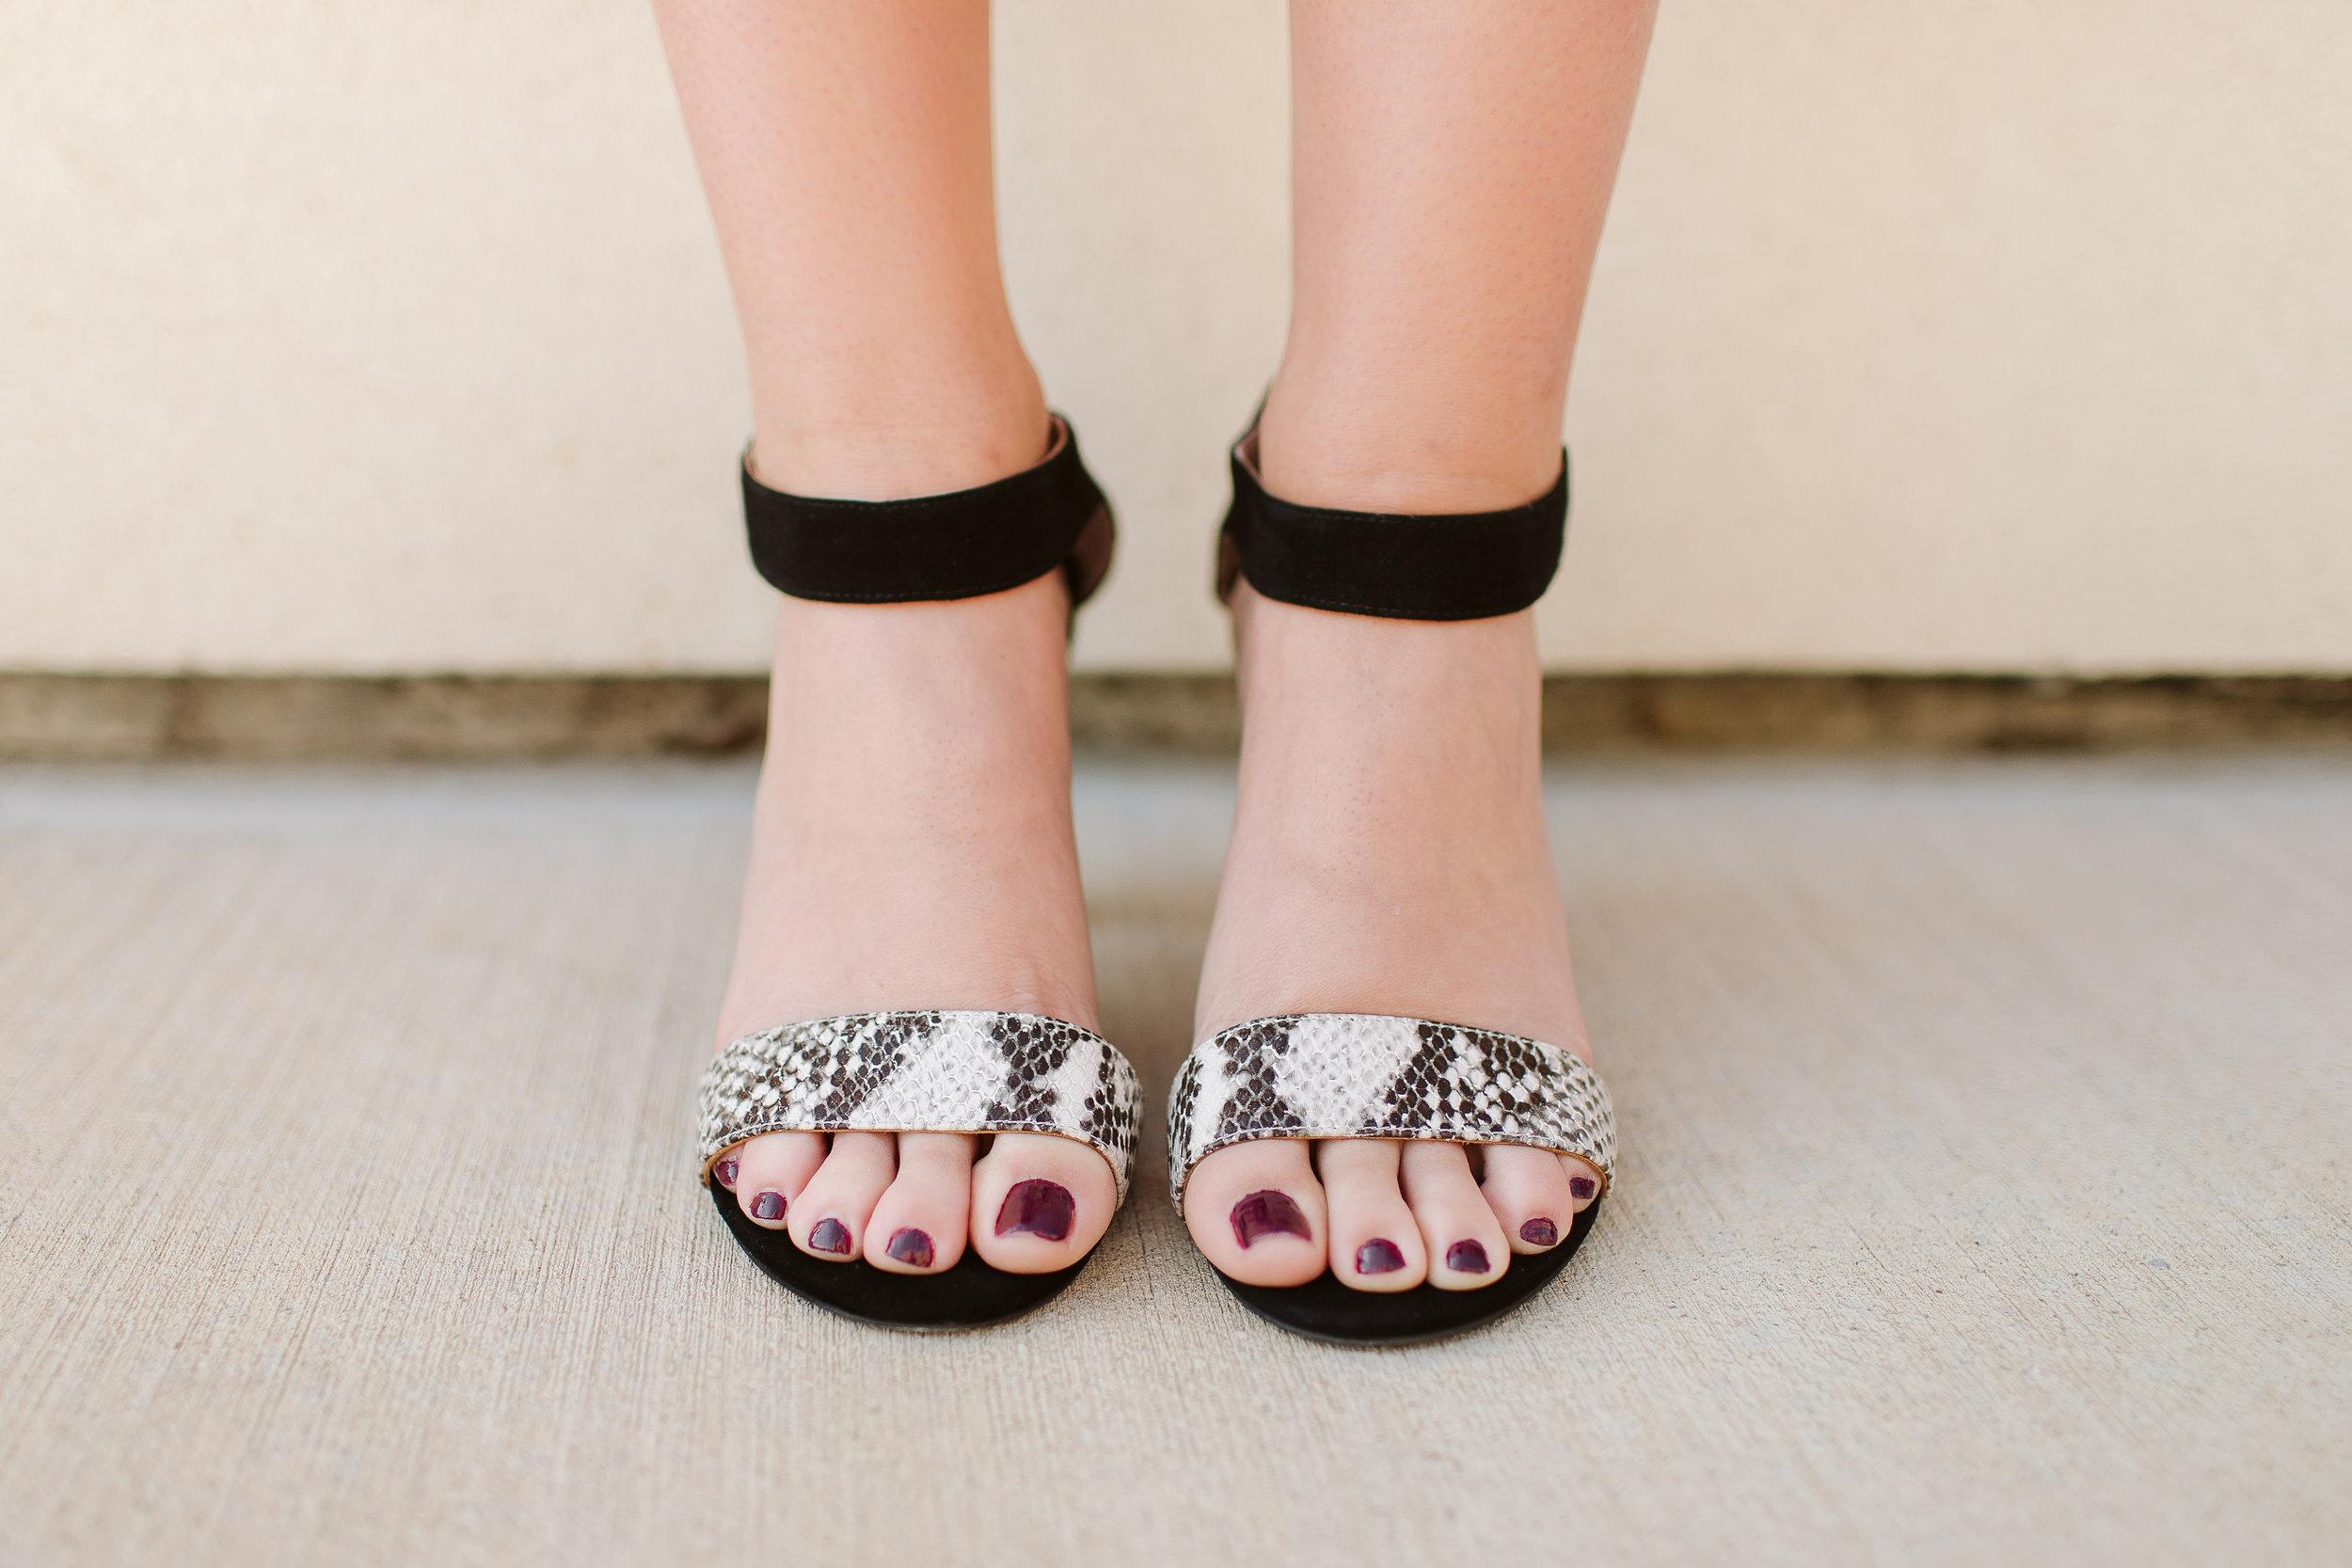 Shoe Size 12 Women.jpg